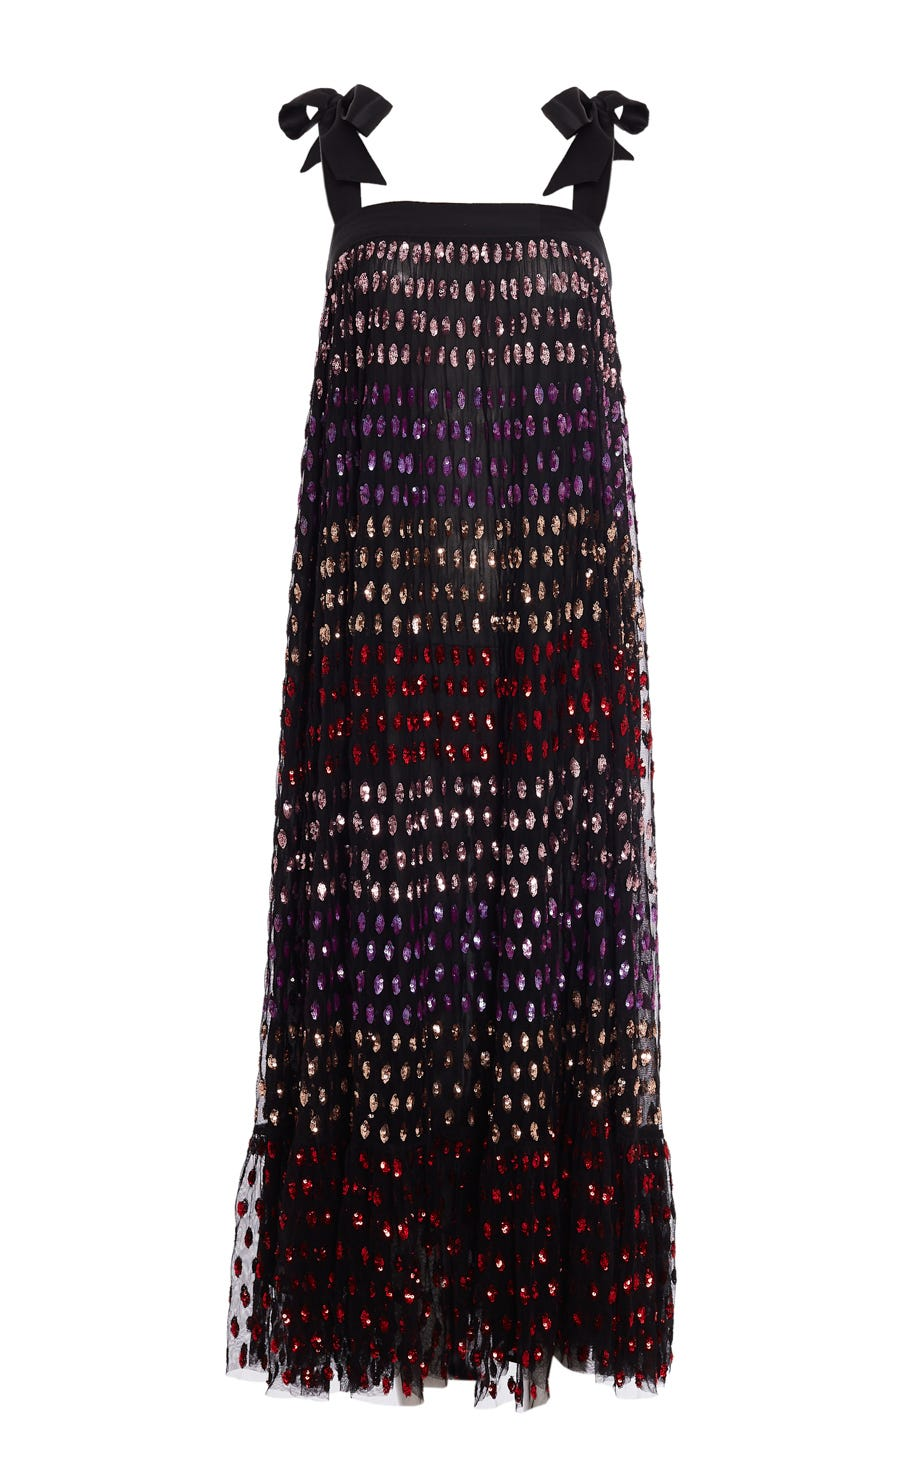 Wendy Sequin Tie Dress